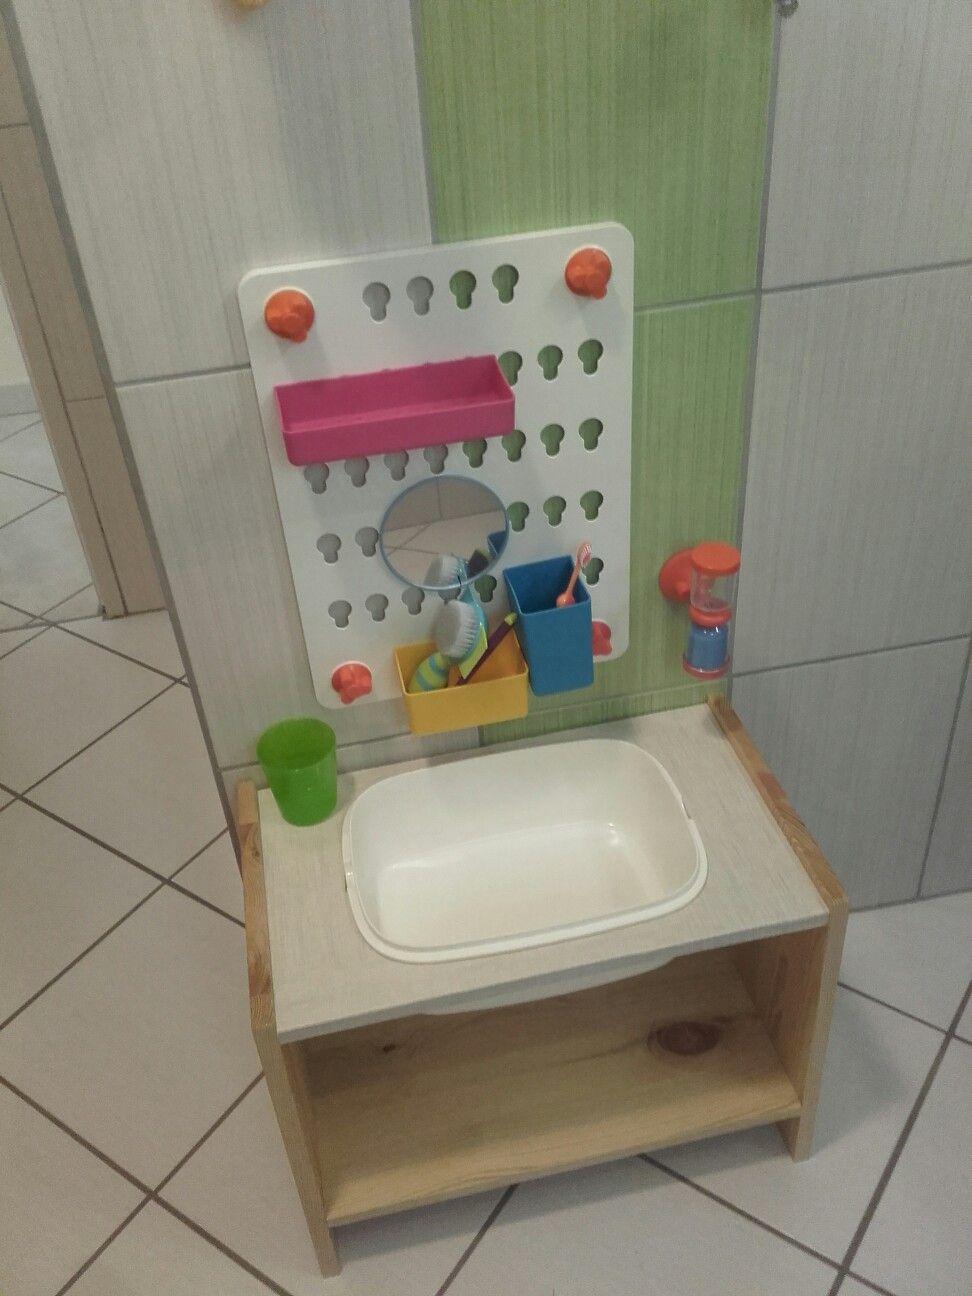 Meuble Salle De Bain Montessori Autonomie De L Enfant Meuble Salle De Bain Salle De Bain Idees Deco Enfant